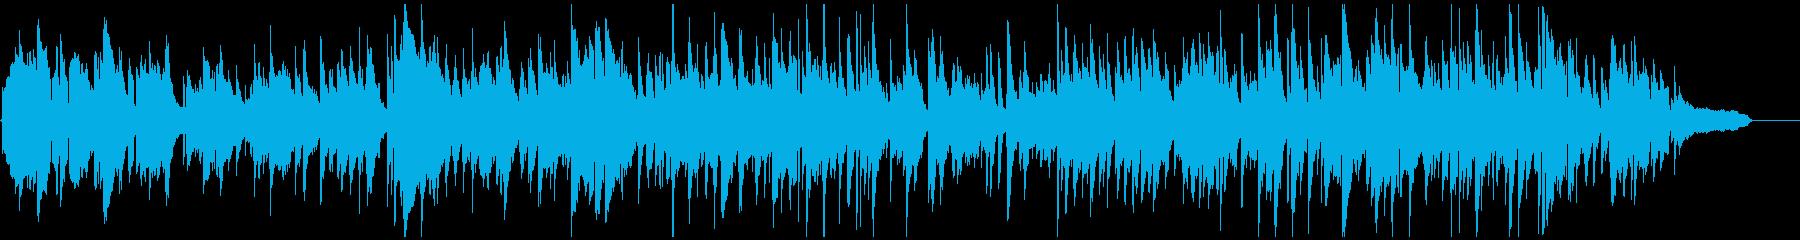 センチメンタルな憂鬱系ジャズ・バラードの再生済みの波形